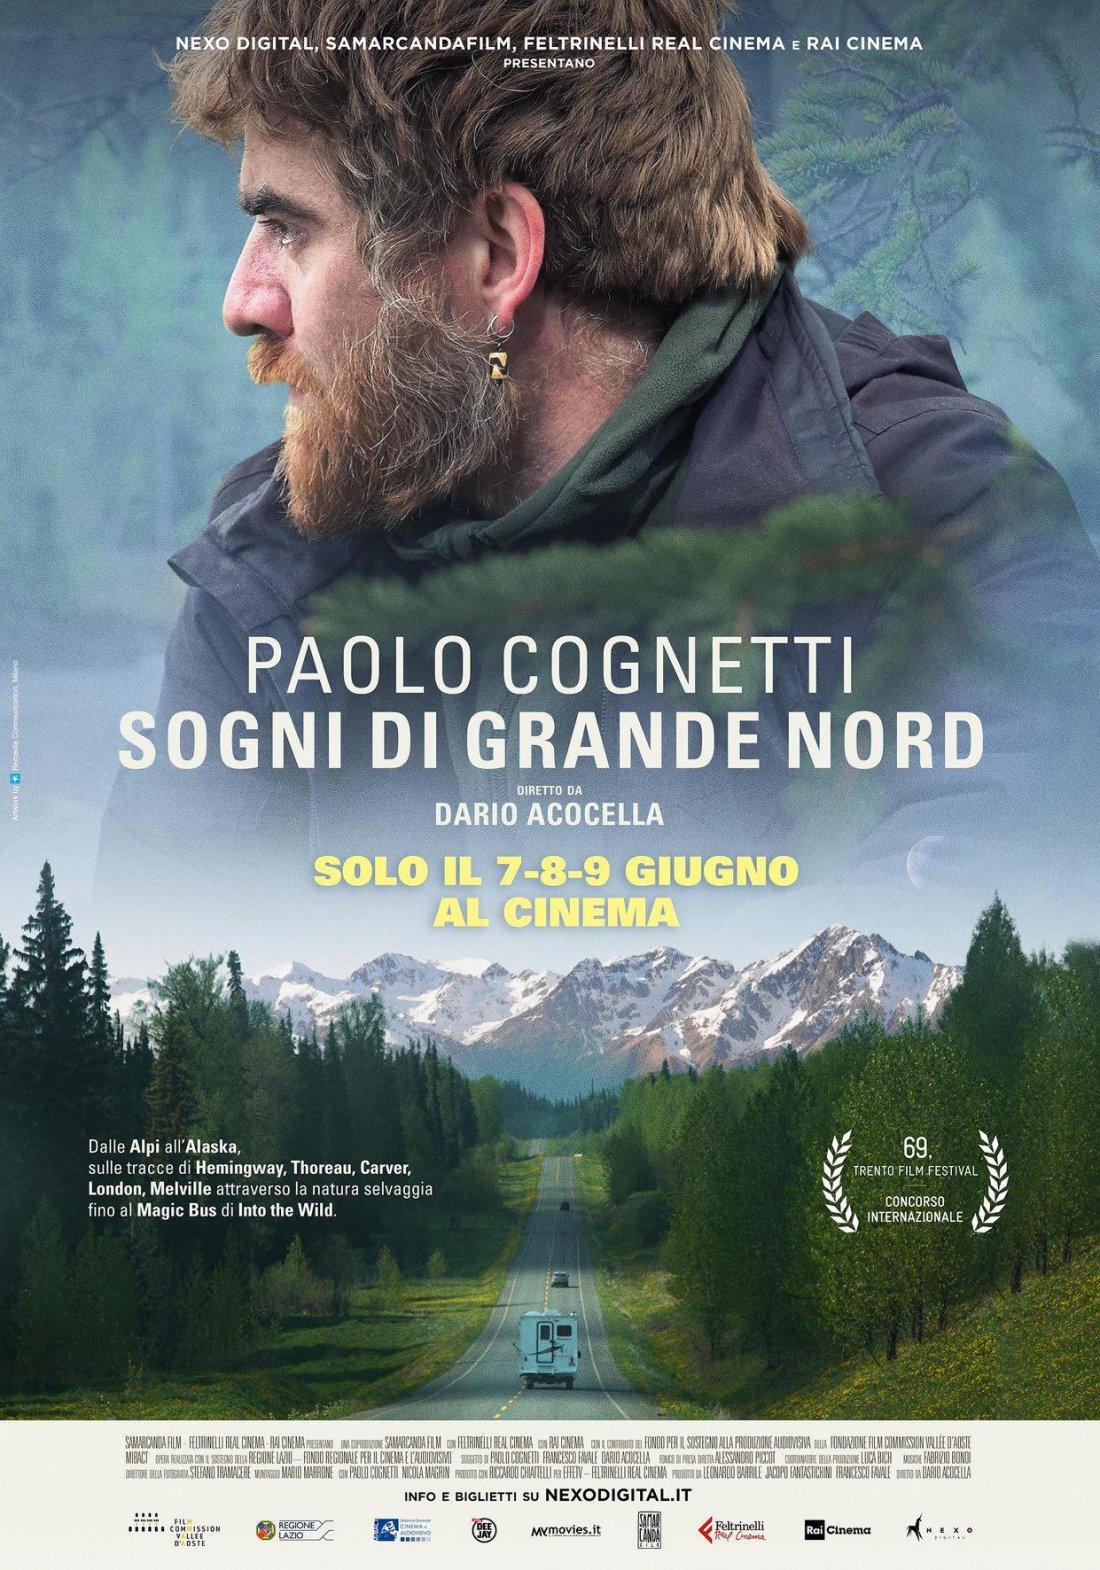 Paolo Cognetti Sogni Di Grande Nord